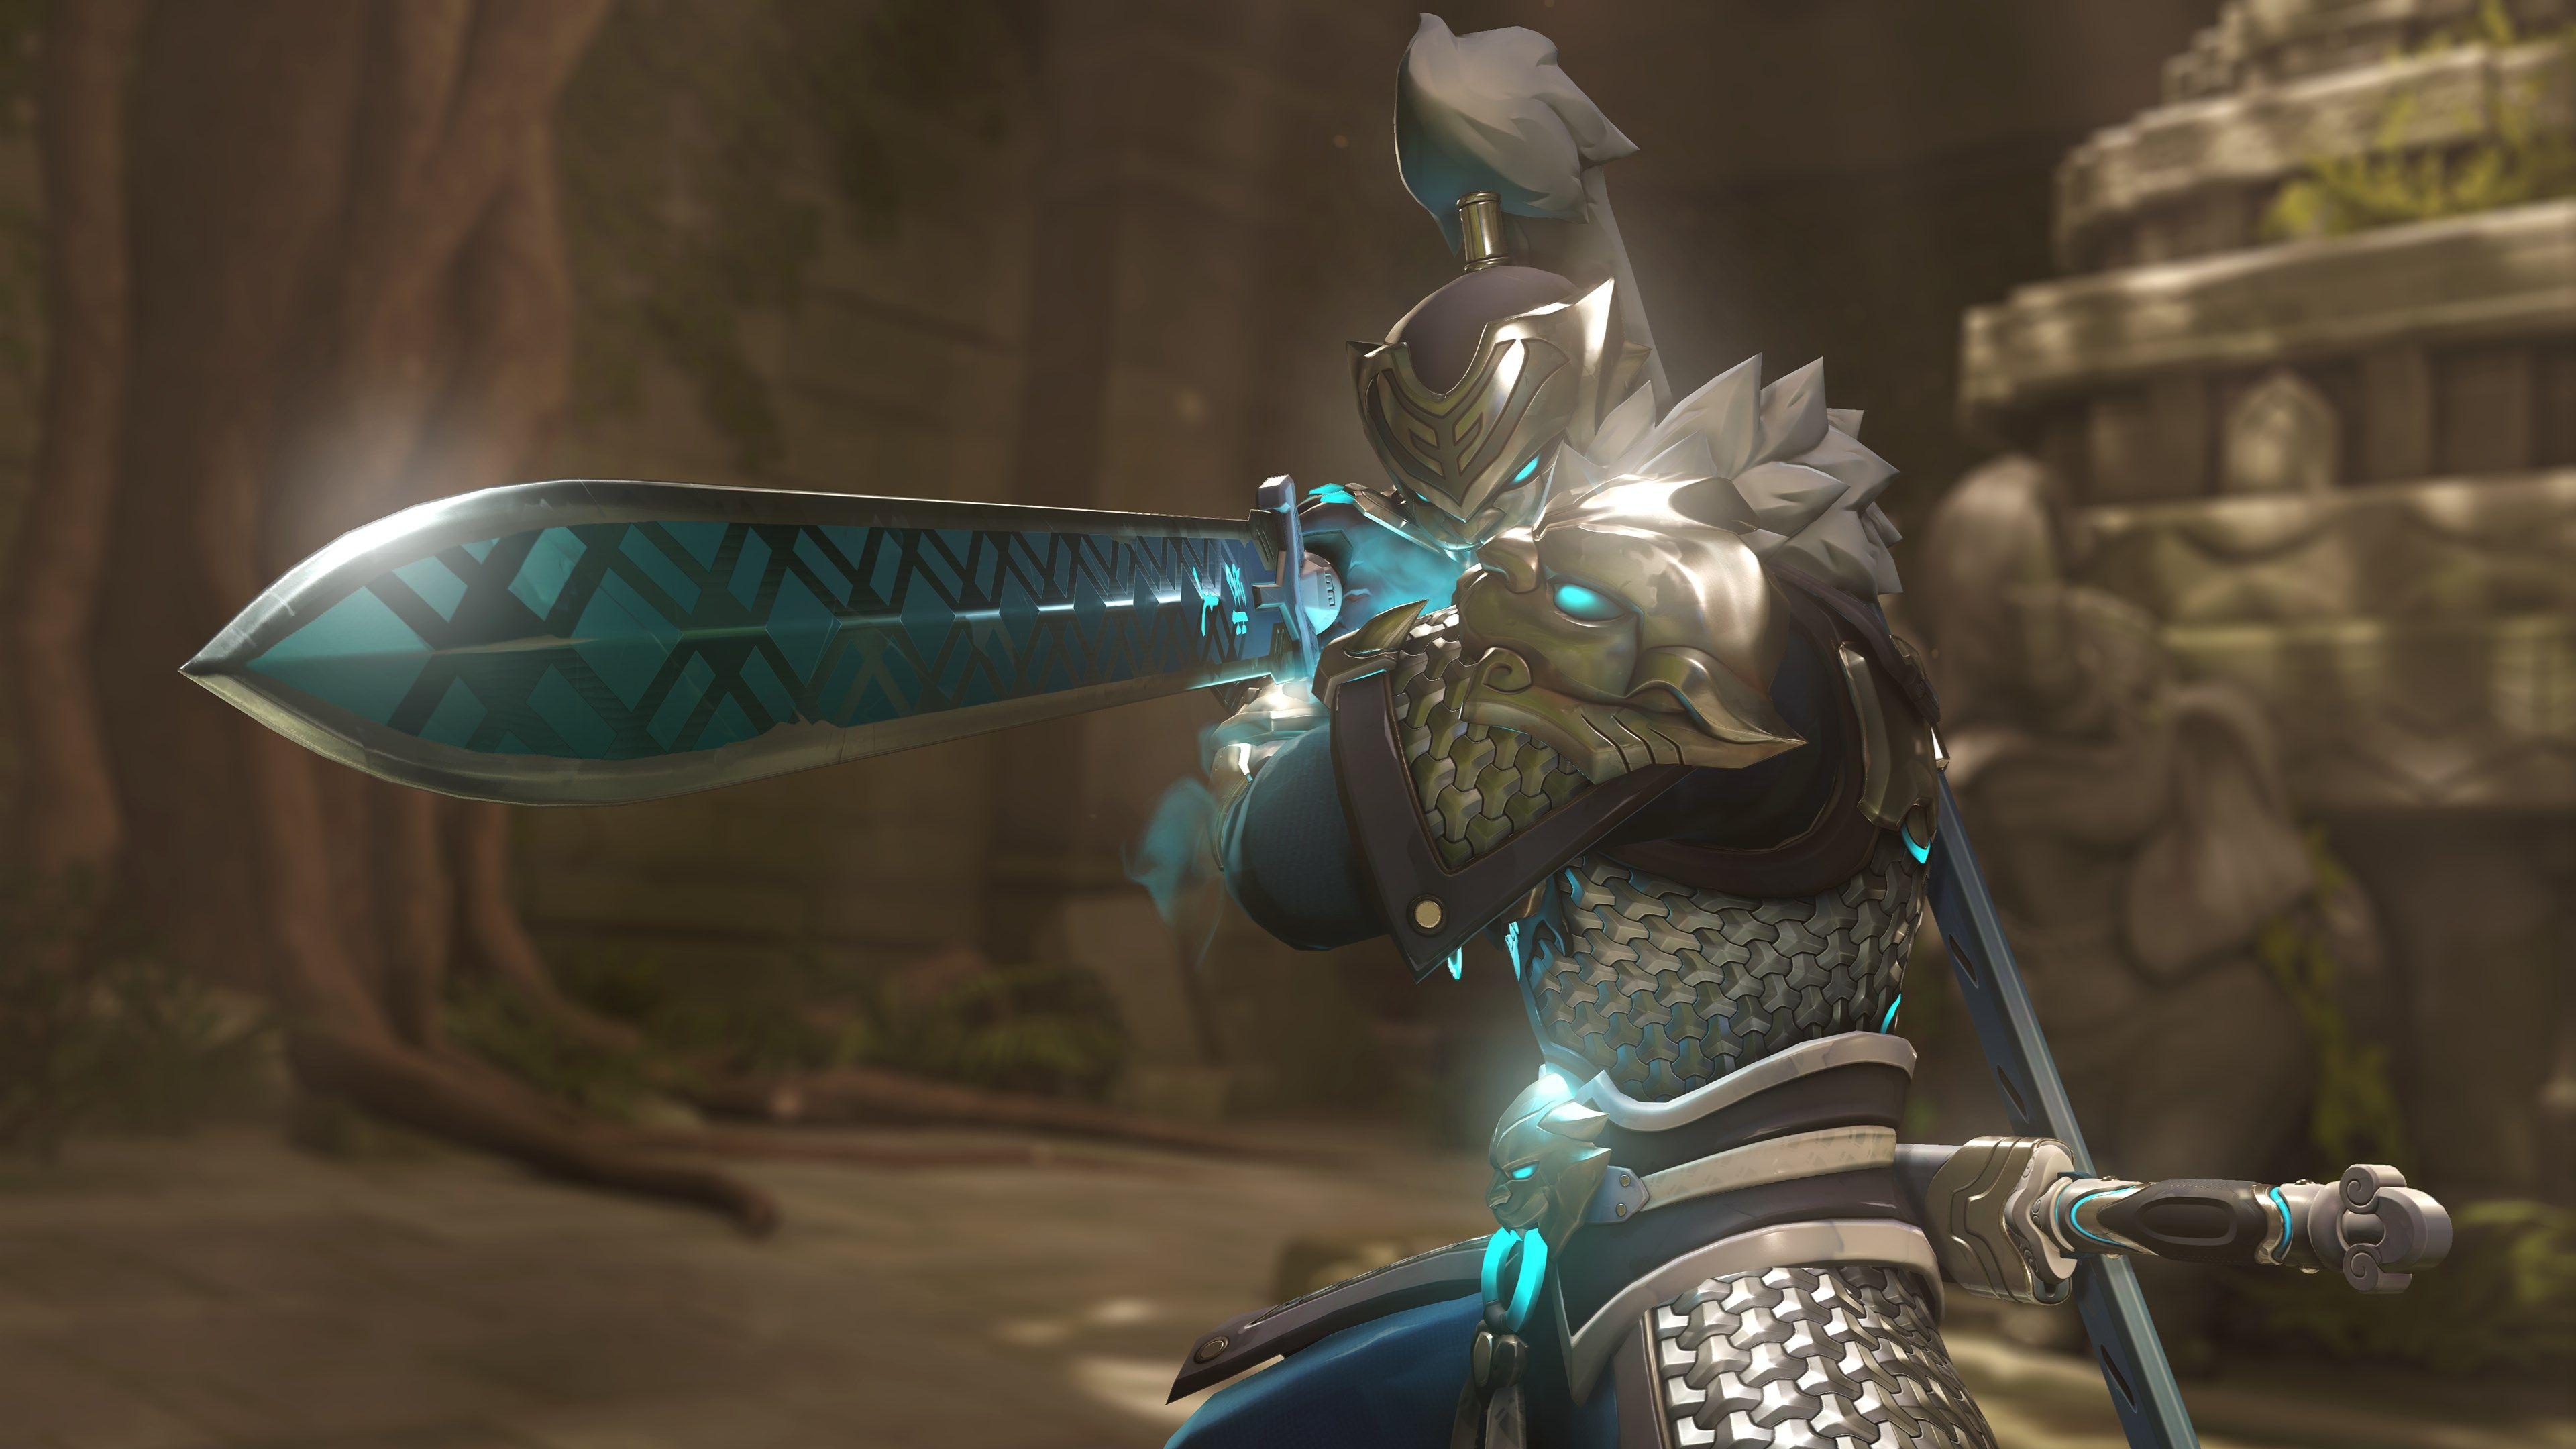 Année du Chien 2018 Captures d'écran Genji overwatch